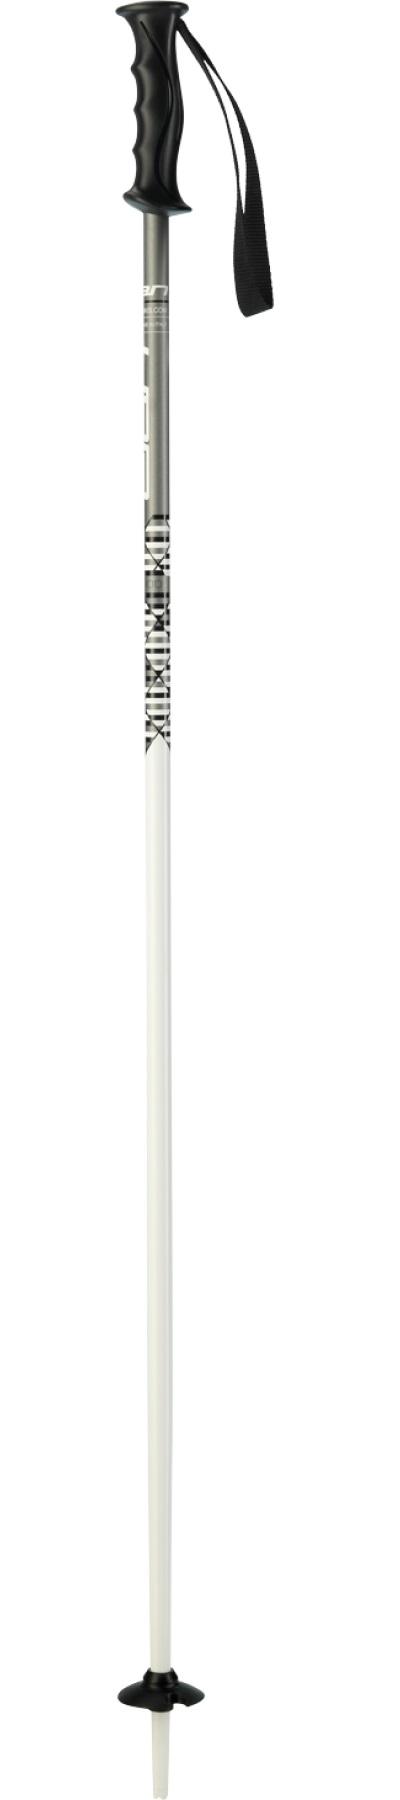 Горнолыжные палки Elan 2017-18 SP HOTrod JR ANTH.